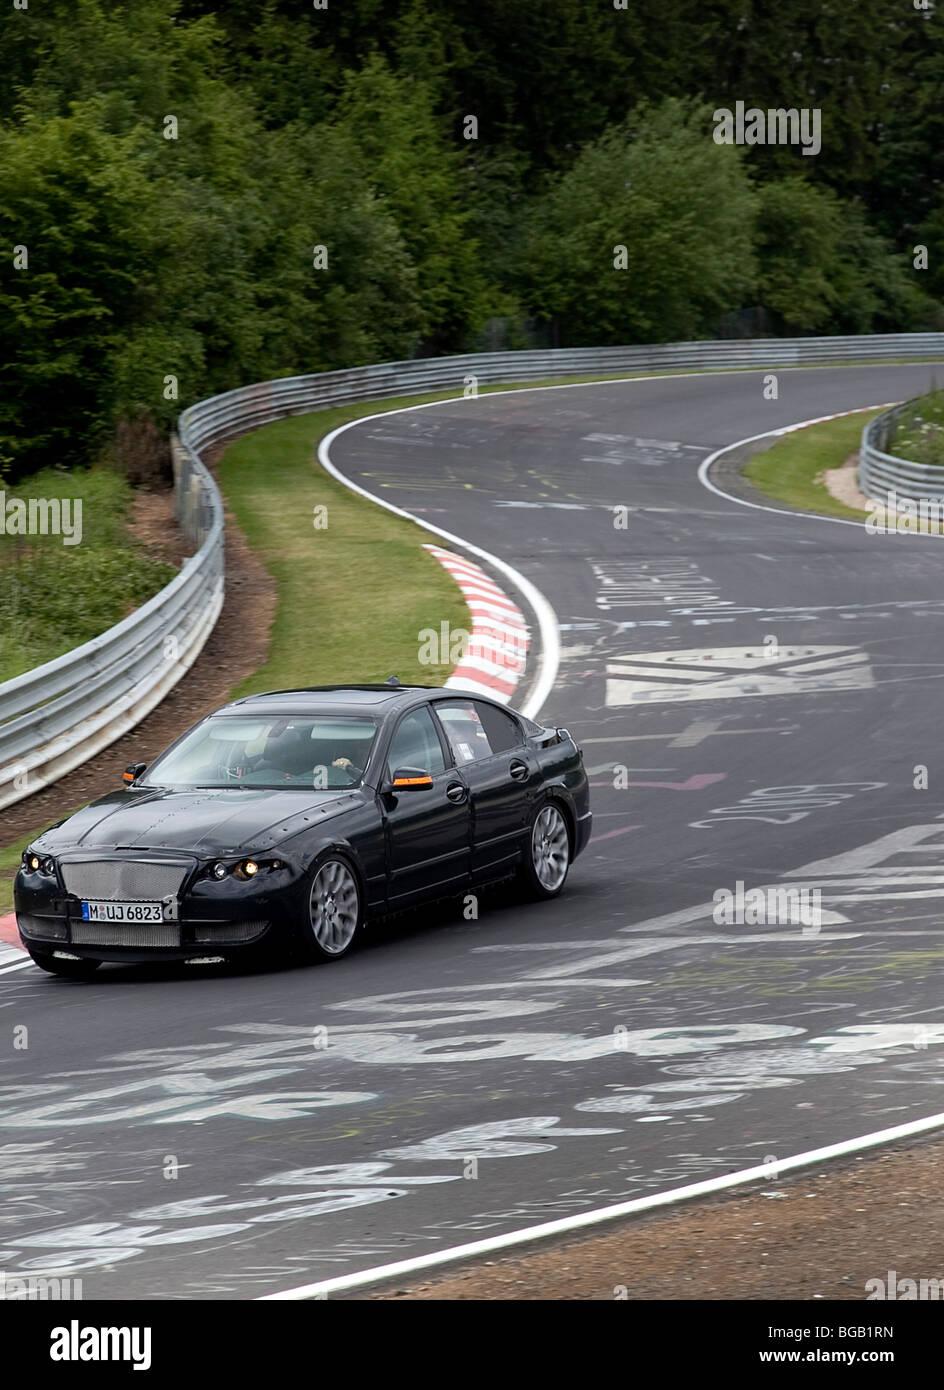 Nuevo modelo de coche de pruebas en la pista de Nurburgring Alemania Imagen De Stock